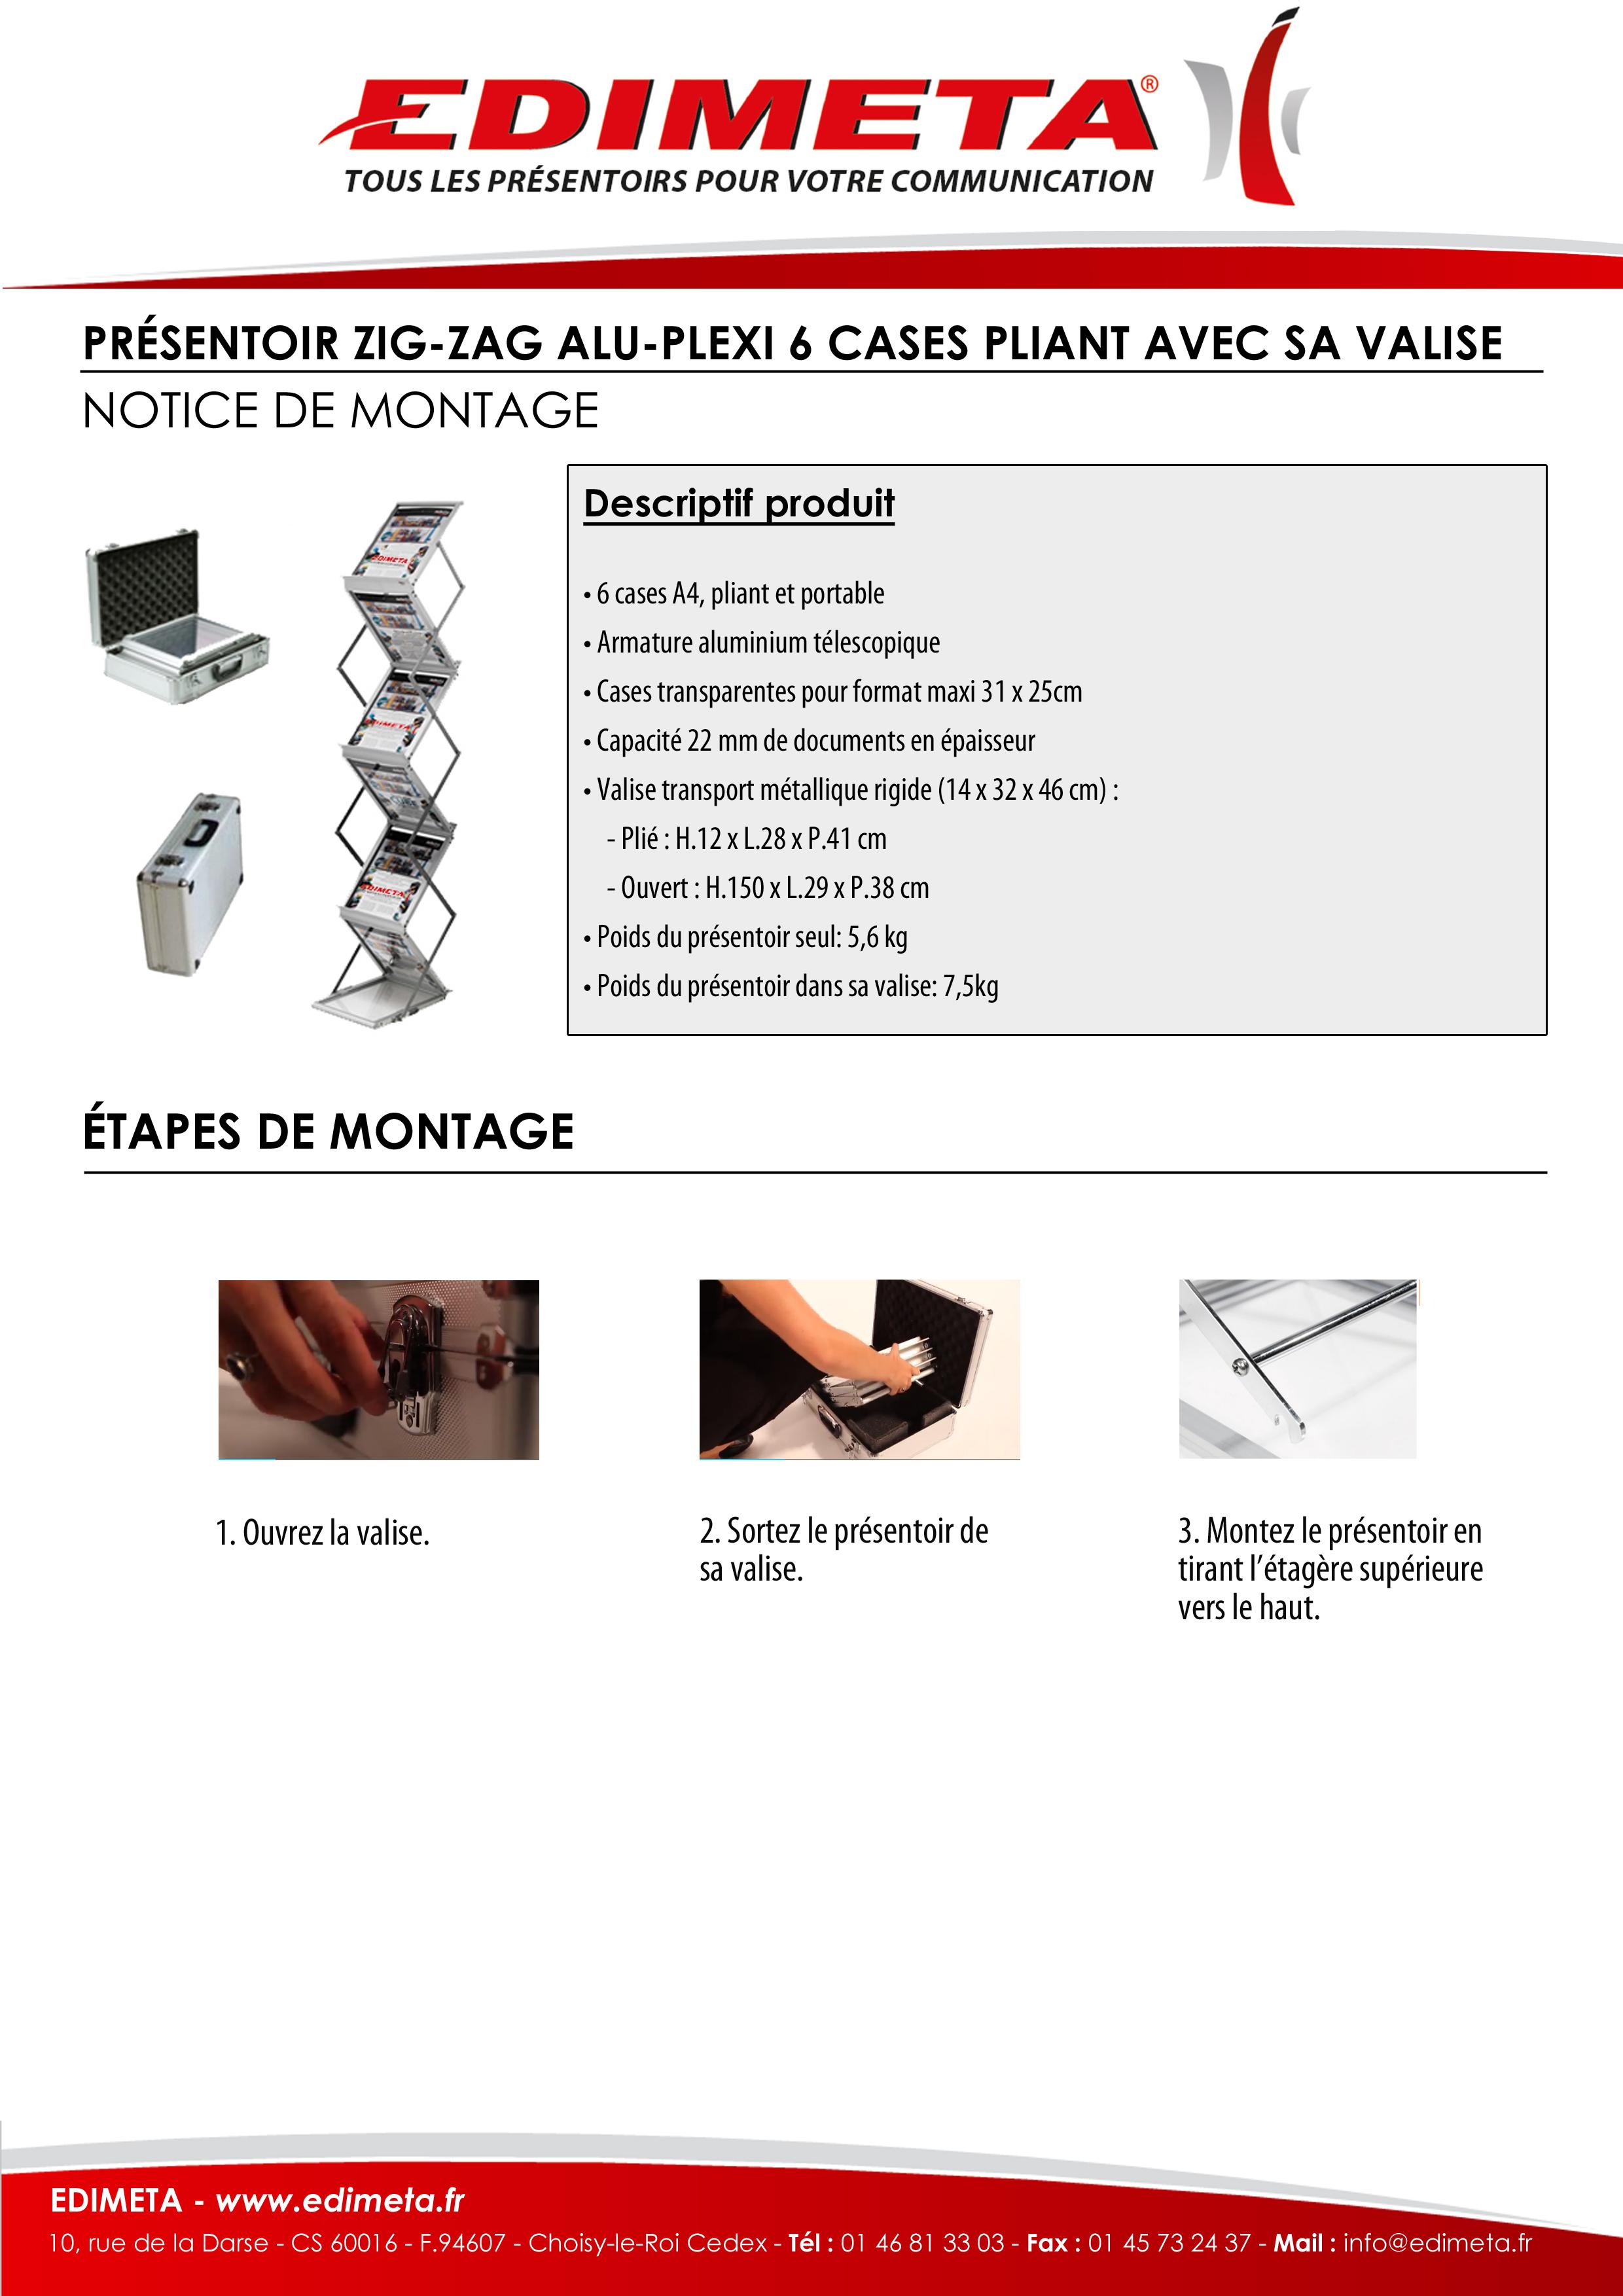 NOTICE DE MONTAGE : PRÉSENTOIR ZIG-ZAG ALU-PLEXI 6 CASES PLIANT AVEC SA VALISE